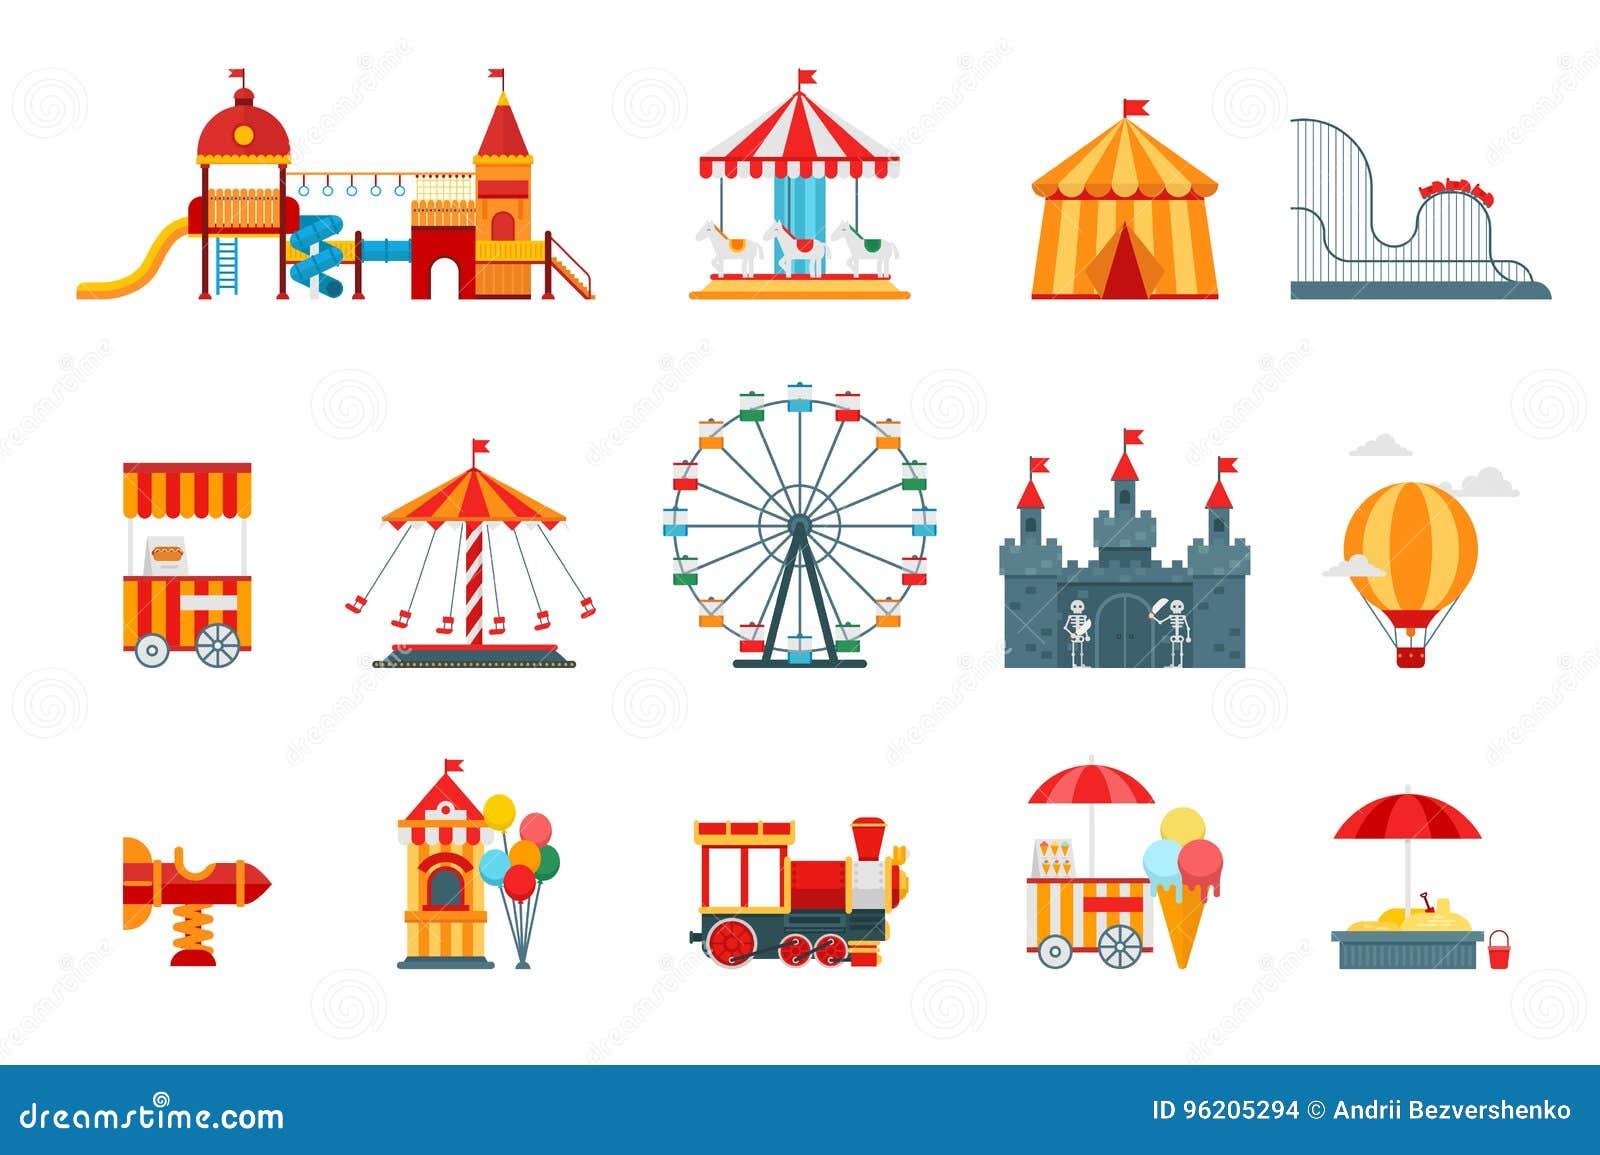 Elementos lisos do vetor do parque de diversões, ícones do divertimento, no fundo branco com roda de ferris, castelo, atrações